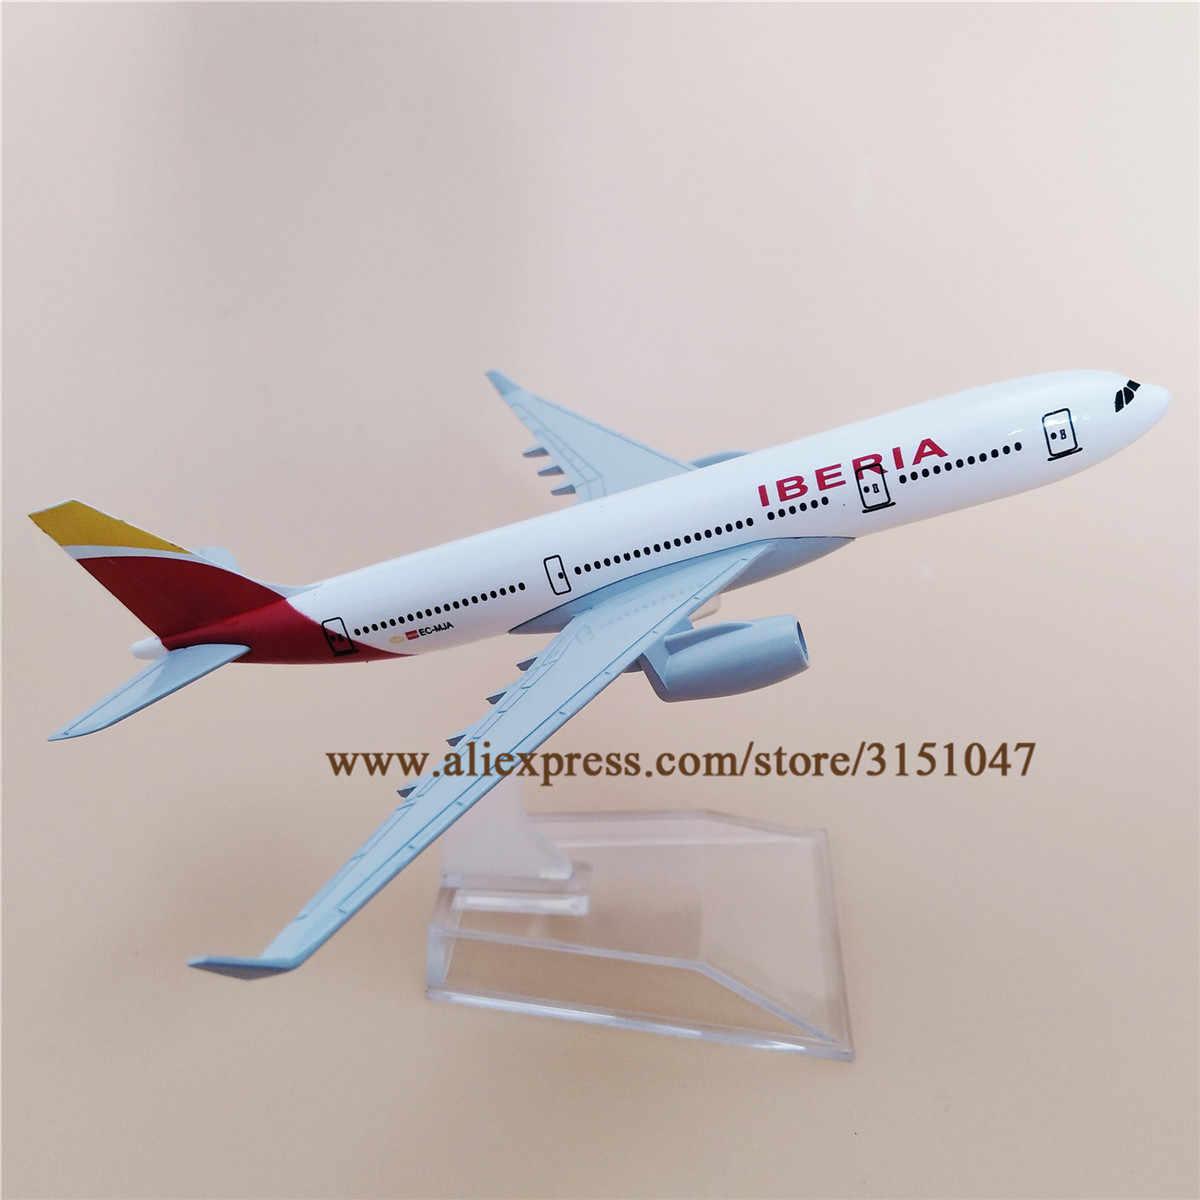 16cm Air Spain IBERIA aerolíneas A330 Airbus 330 modelo de avión aleación Metal avión Diecast juguete niños regalo